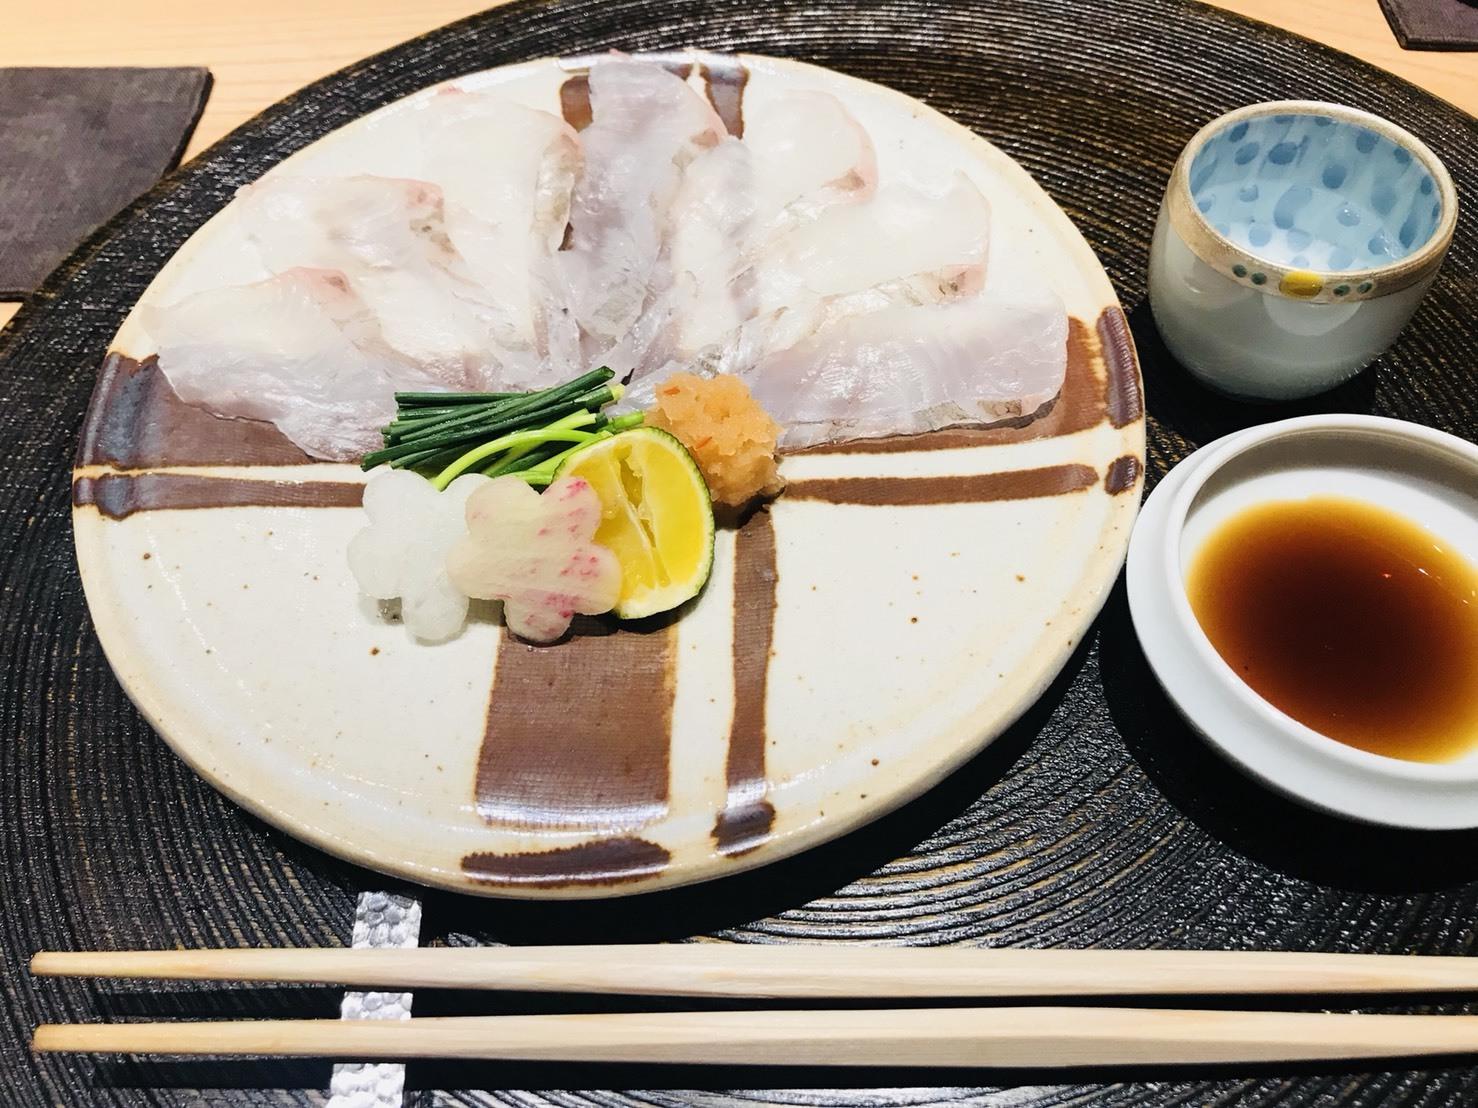 日本料理 和敬 へ_c0196240_13552085.jpeg